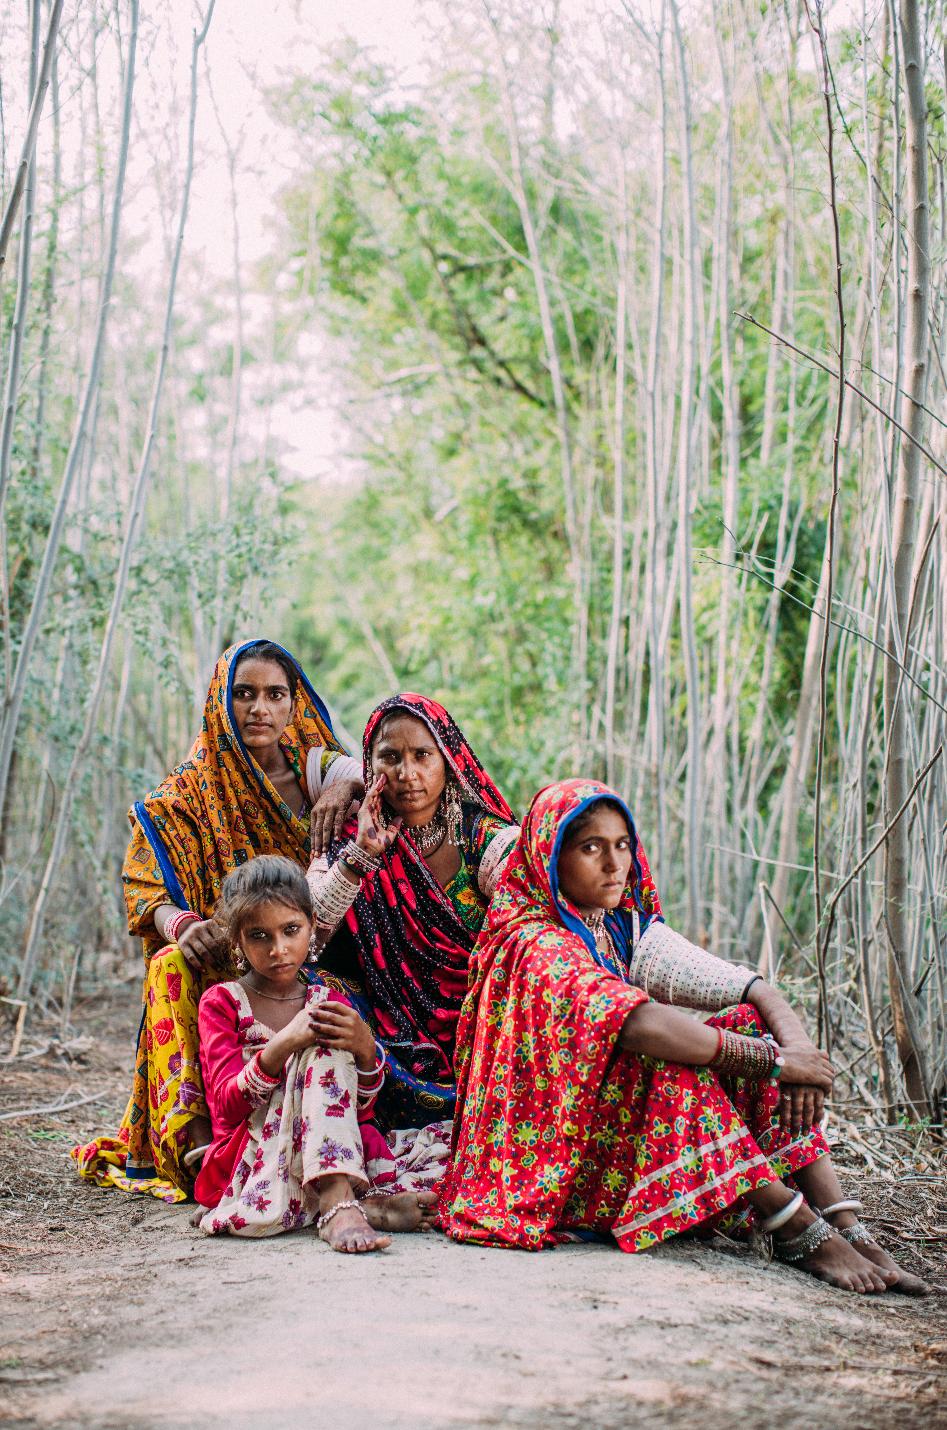 Nomads of Dasada, Dasada, Gujarat